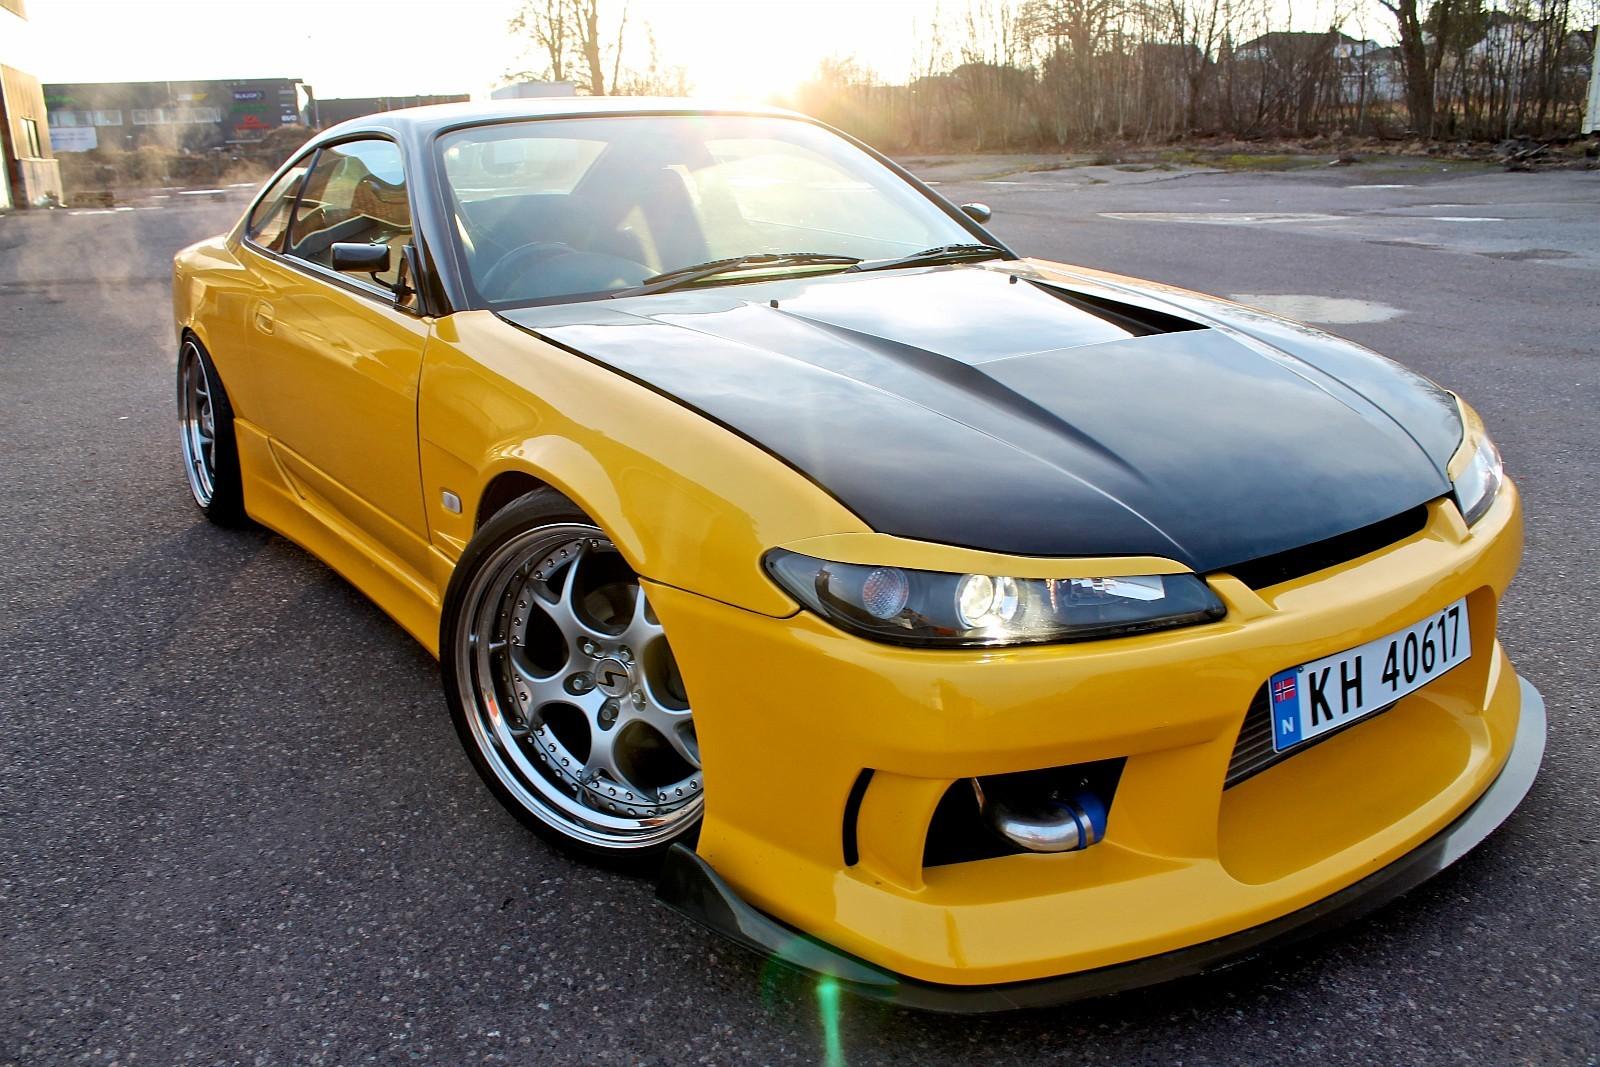 2001 Nissan 200sx S15 Spec R